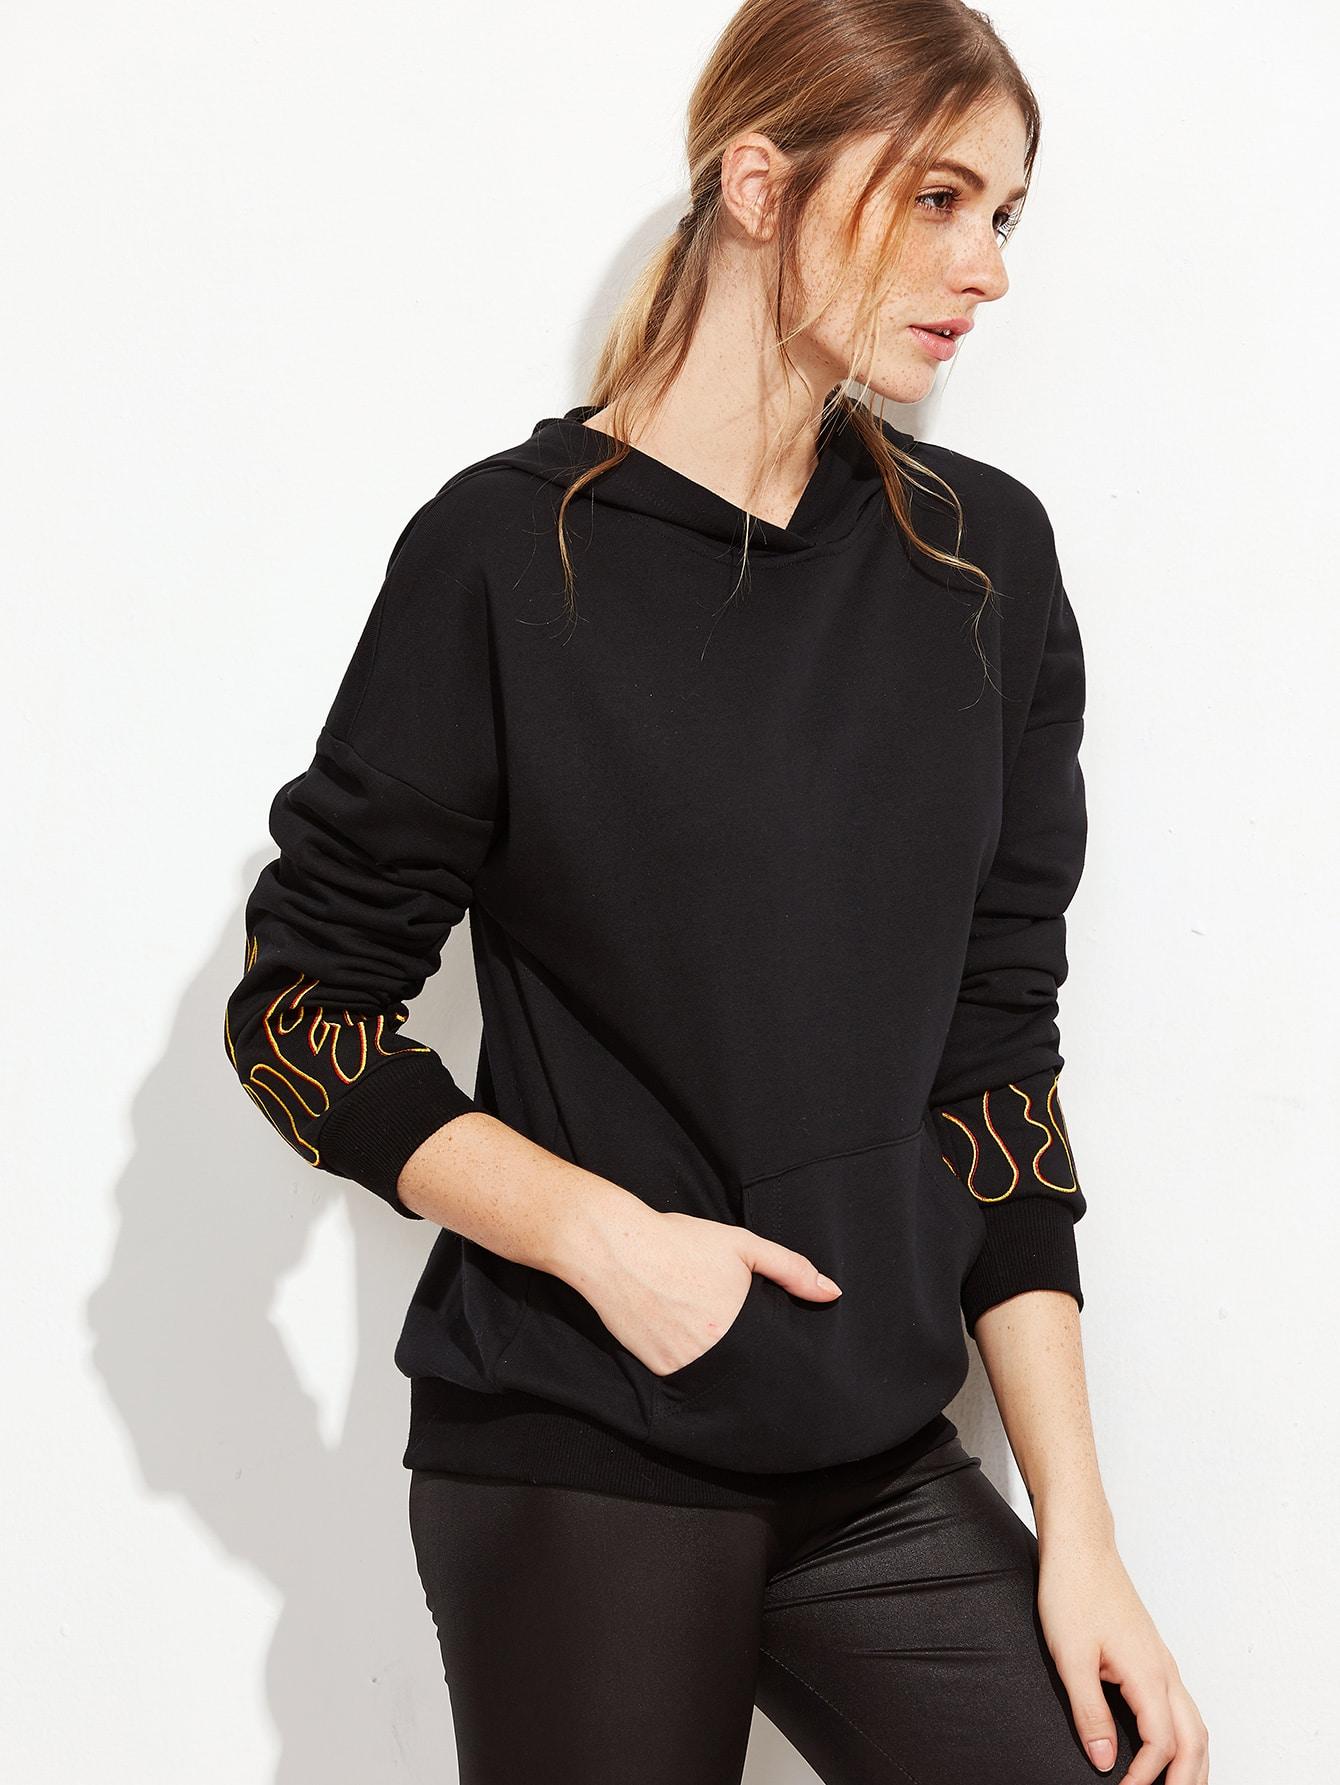 sweatshirt161010705_2